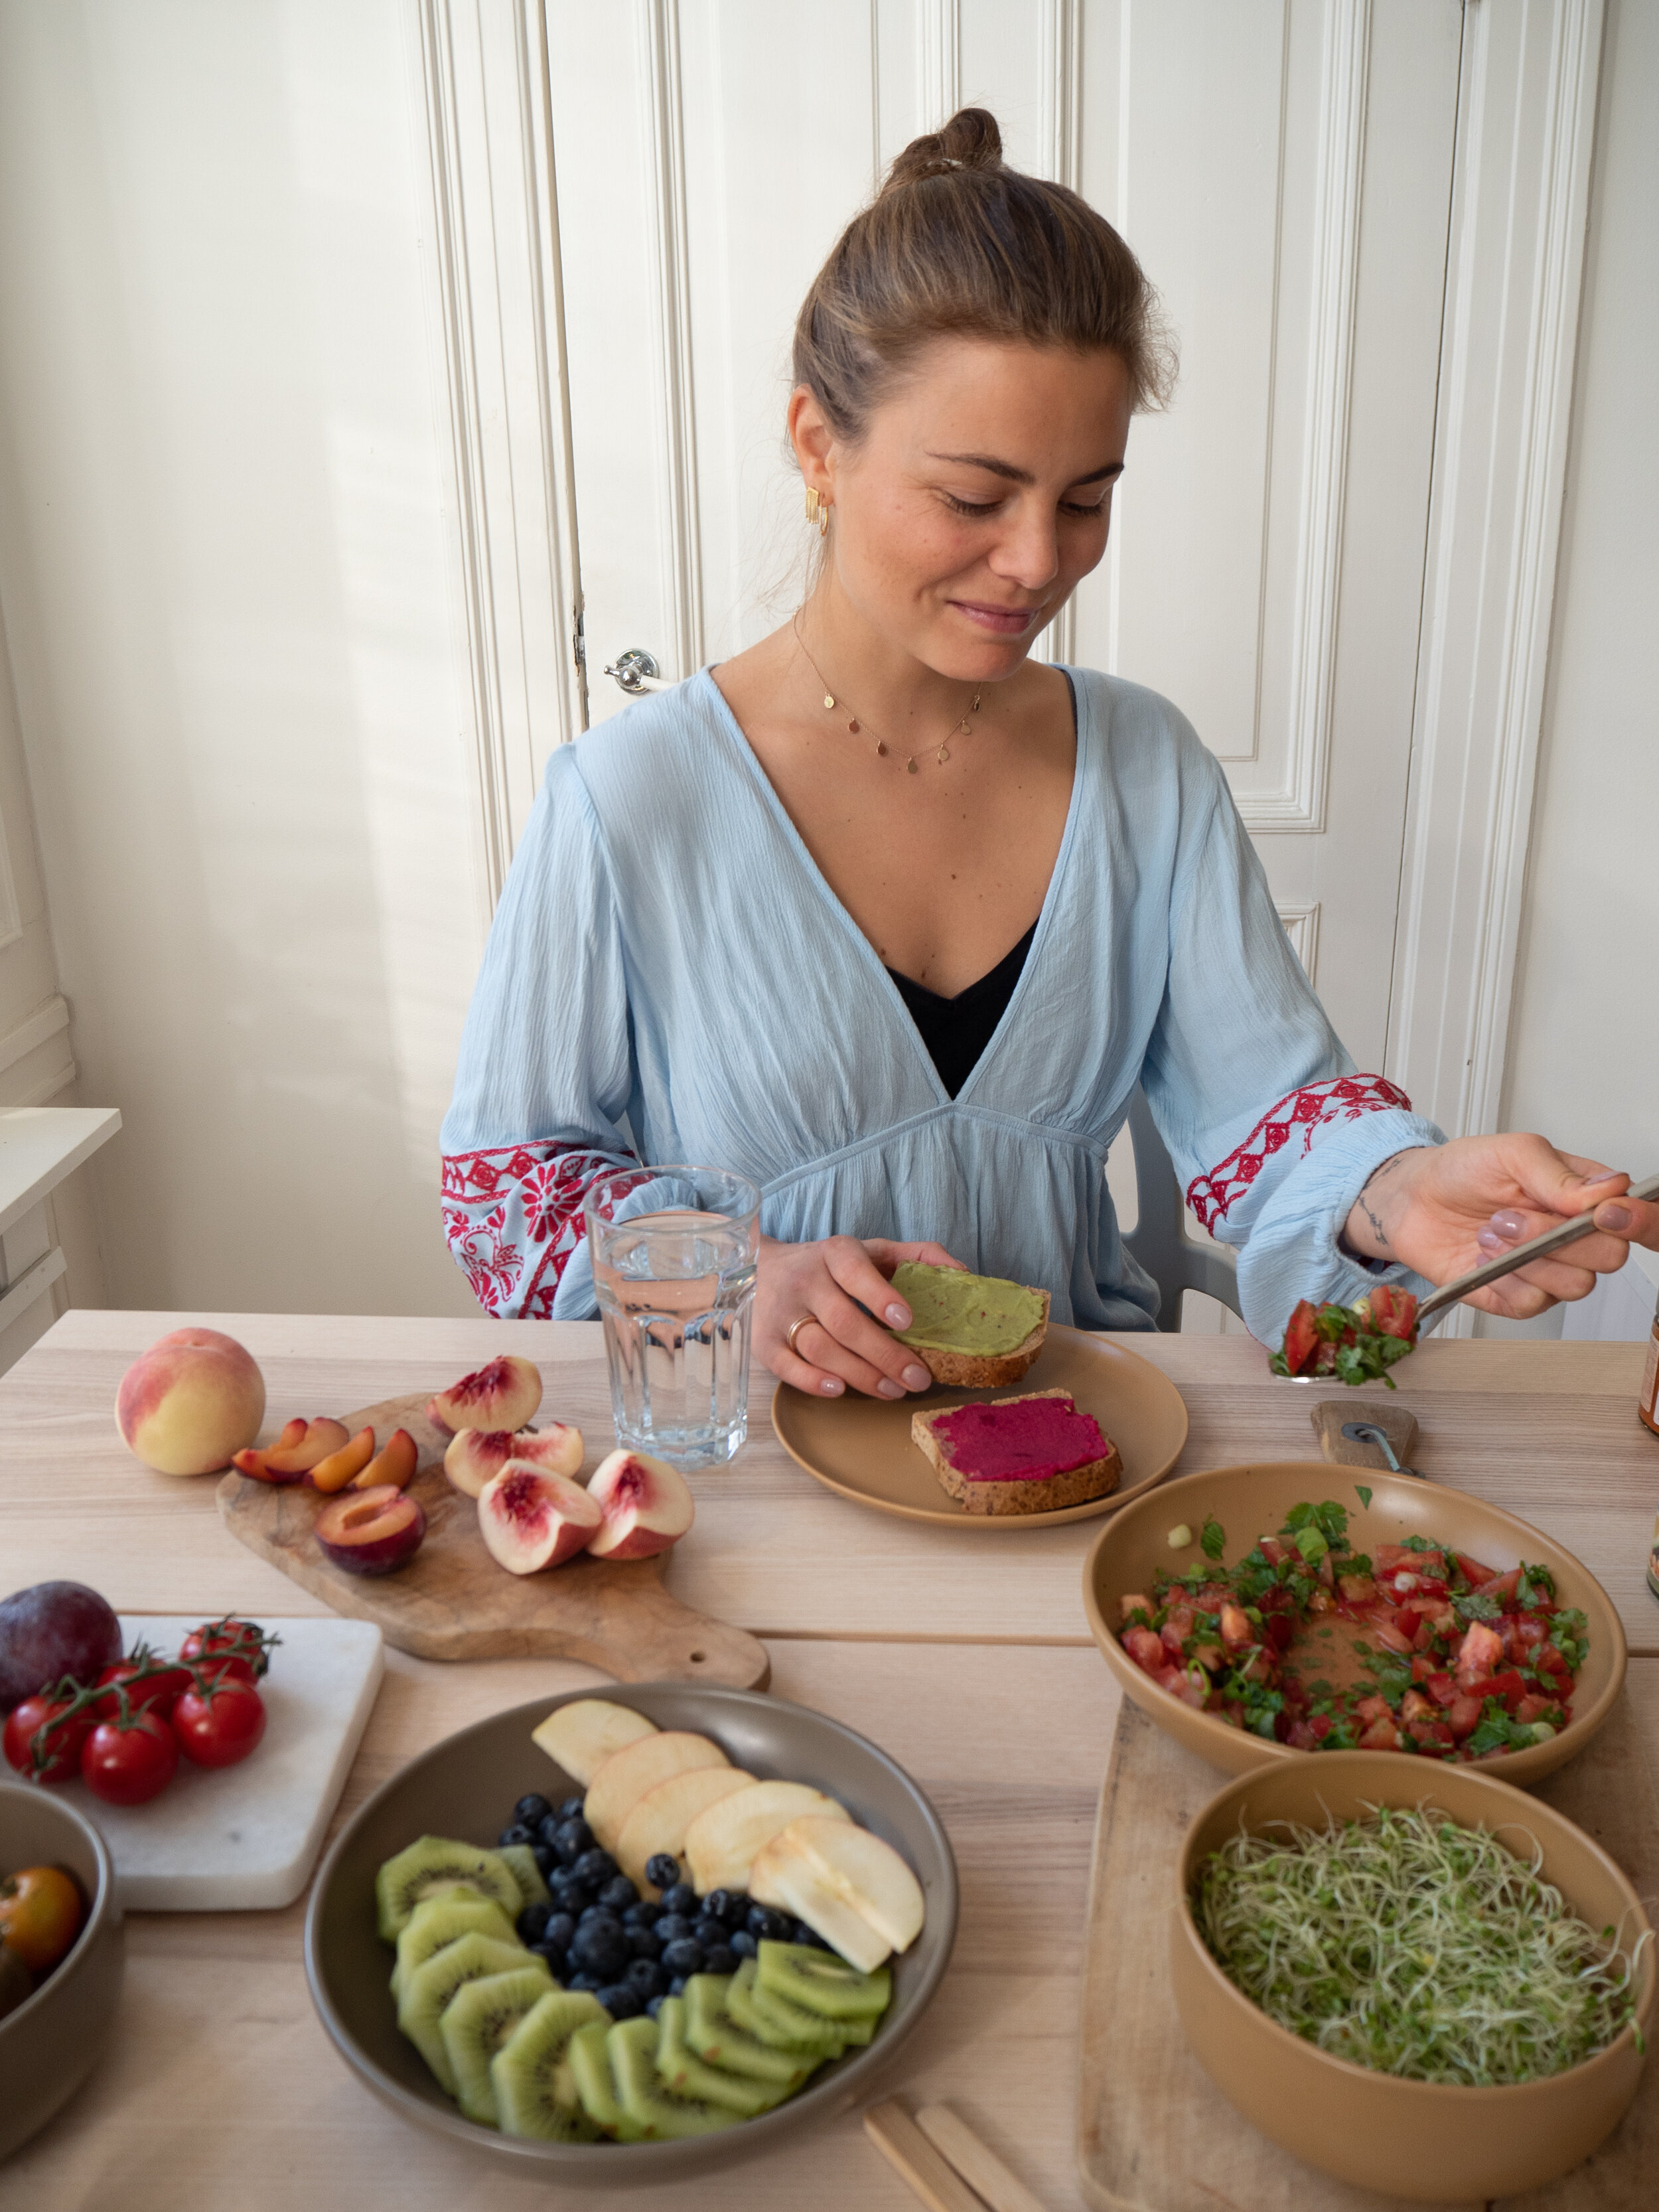 Susis brødskiver - - Plantego' rødbete og kikerter, fiken, eple og blåbær- Plantego' avokado og kikerter, bruschetta og spirer